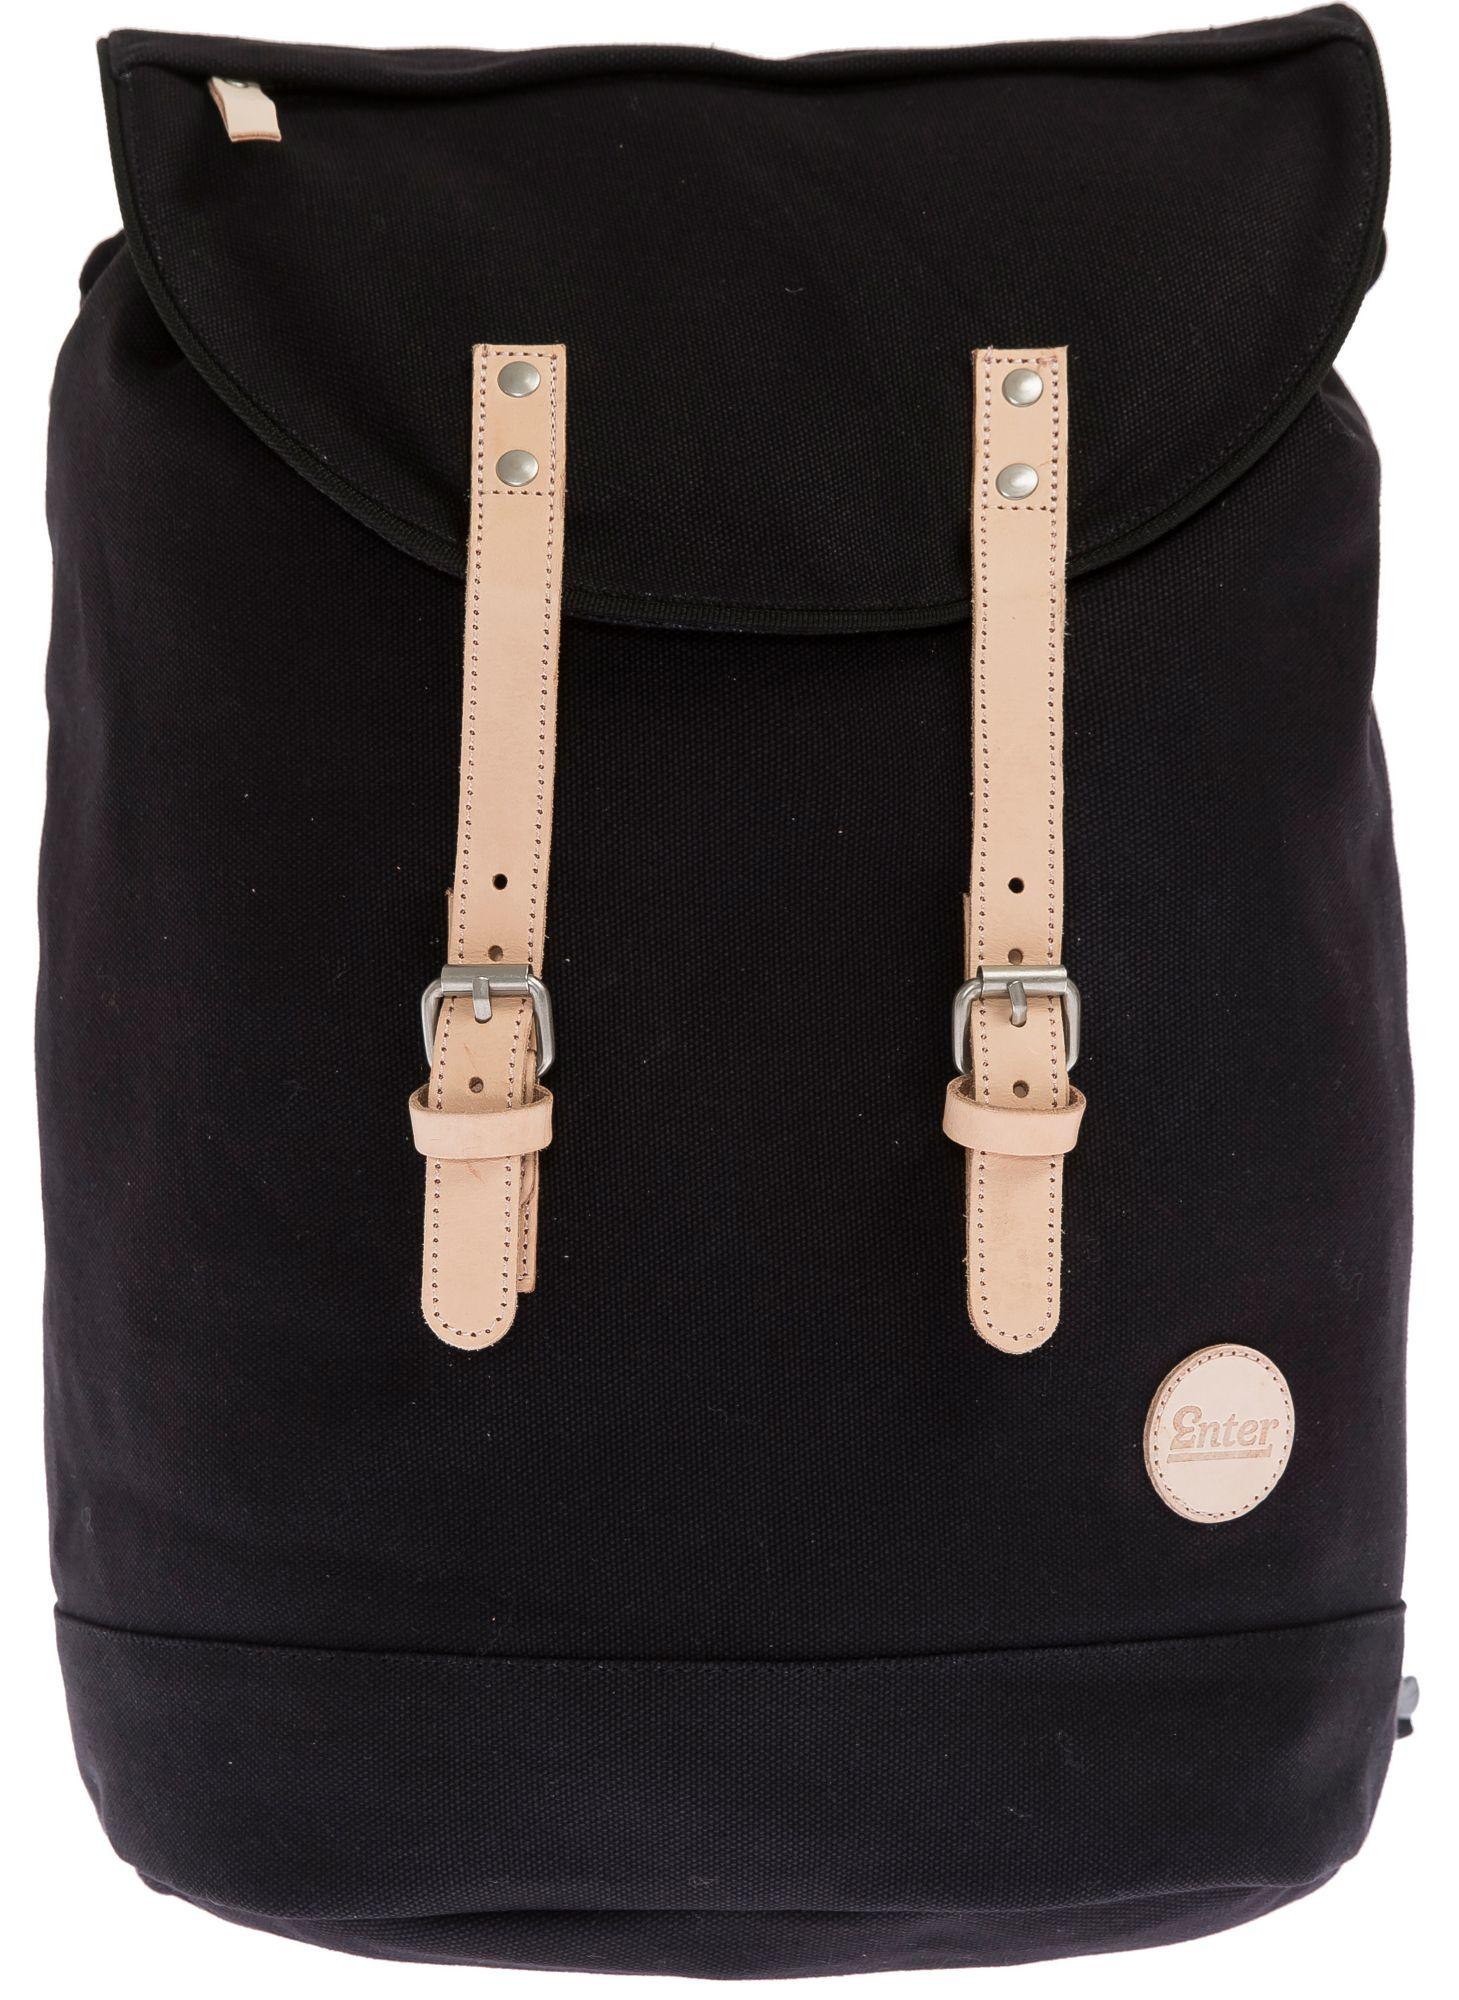 ENTER Enter Rucksack, »Day Hiker Backpack, Black/ Natural Leather«